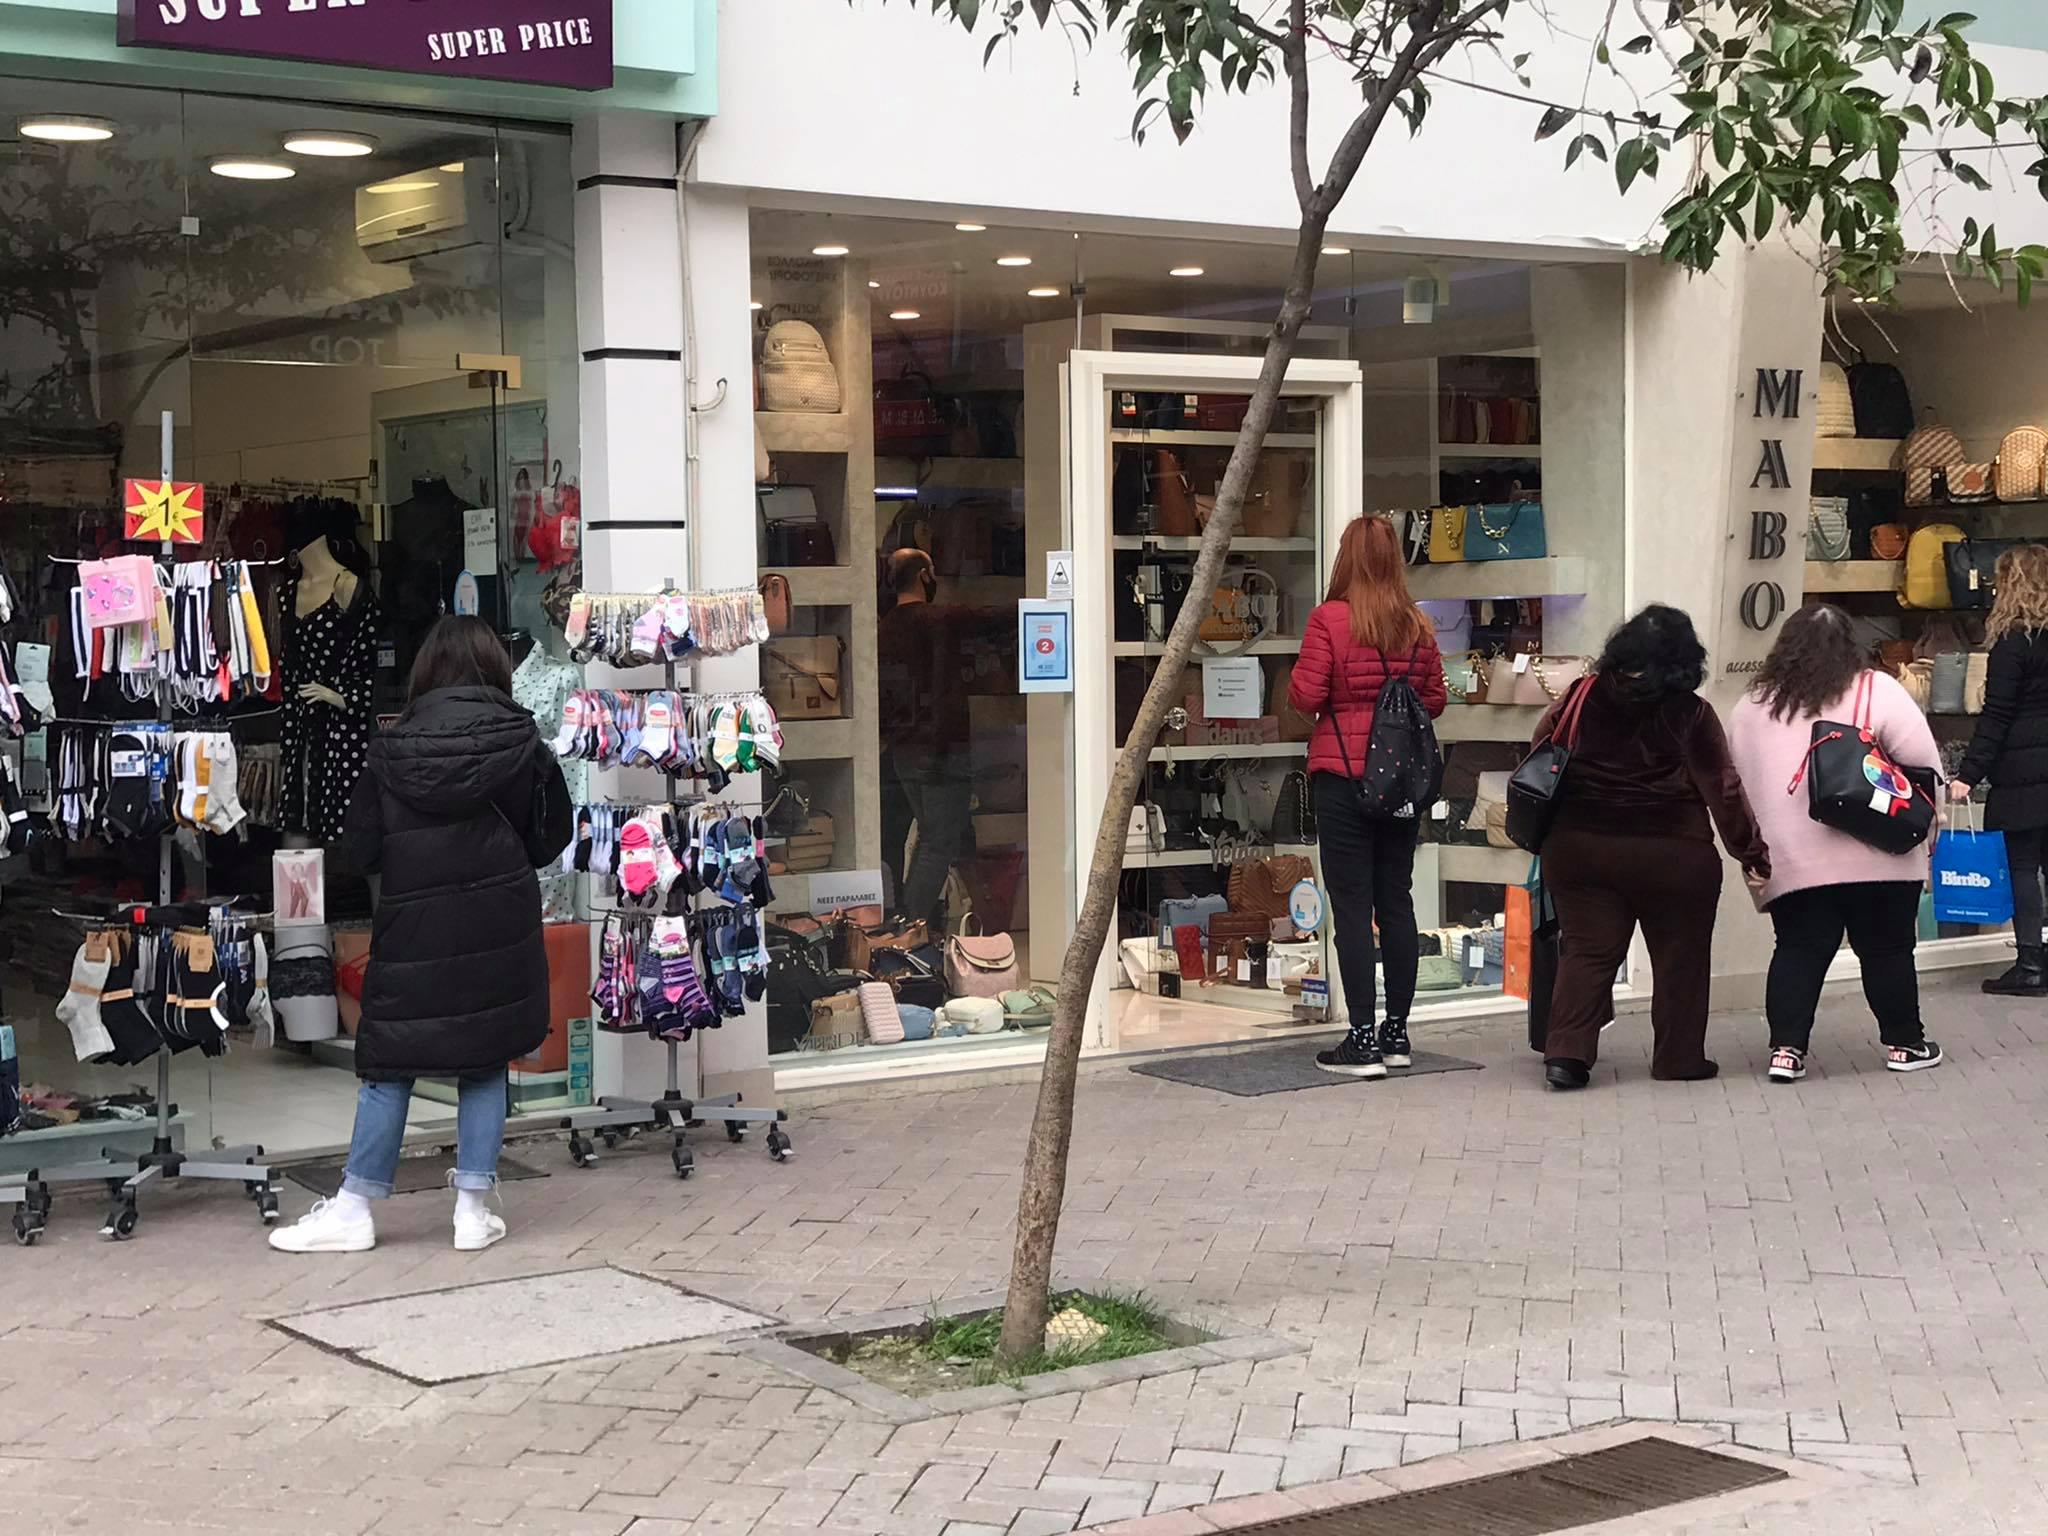 Ρολά Ανέβασαν Χθες Οι Καταστηματάρχες Μικρών Μαγαζιών